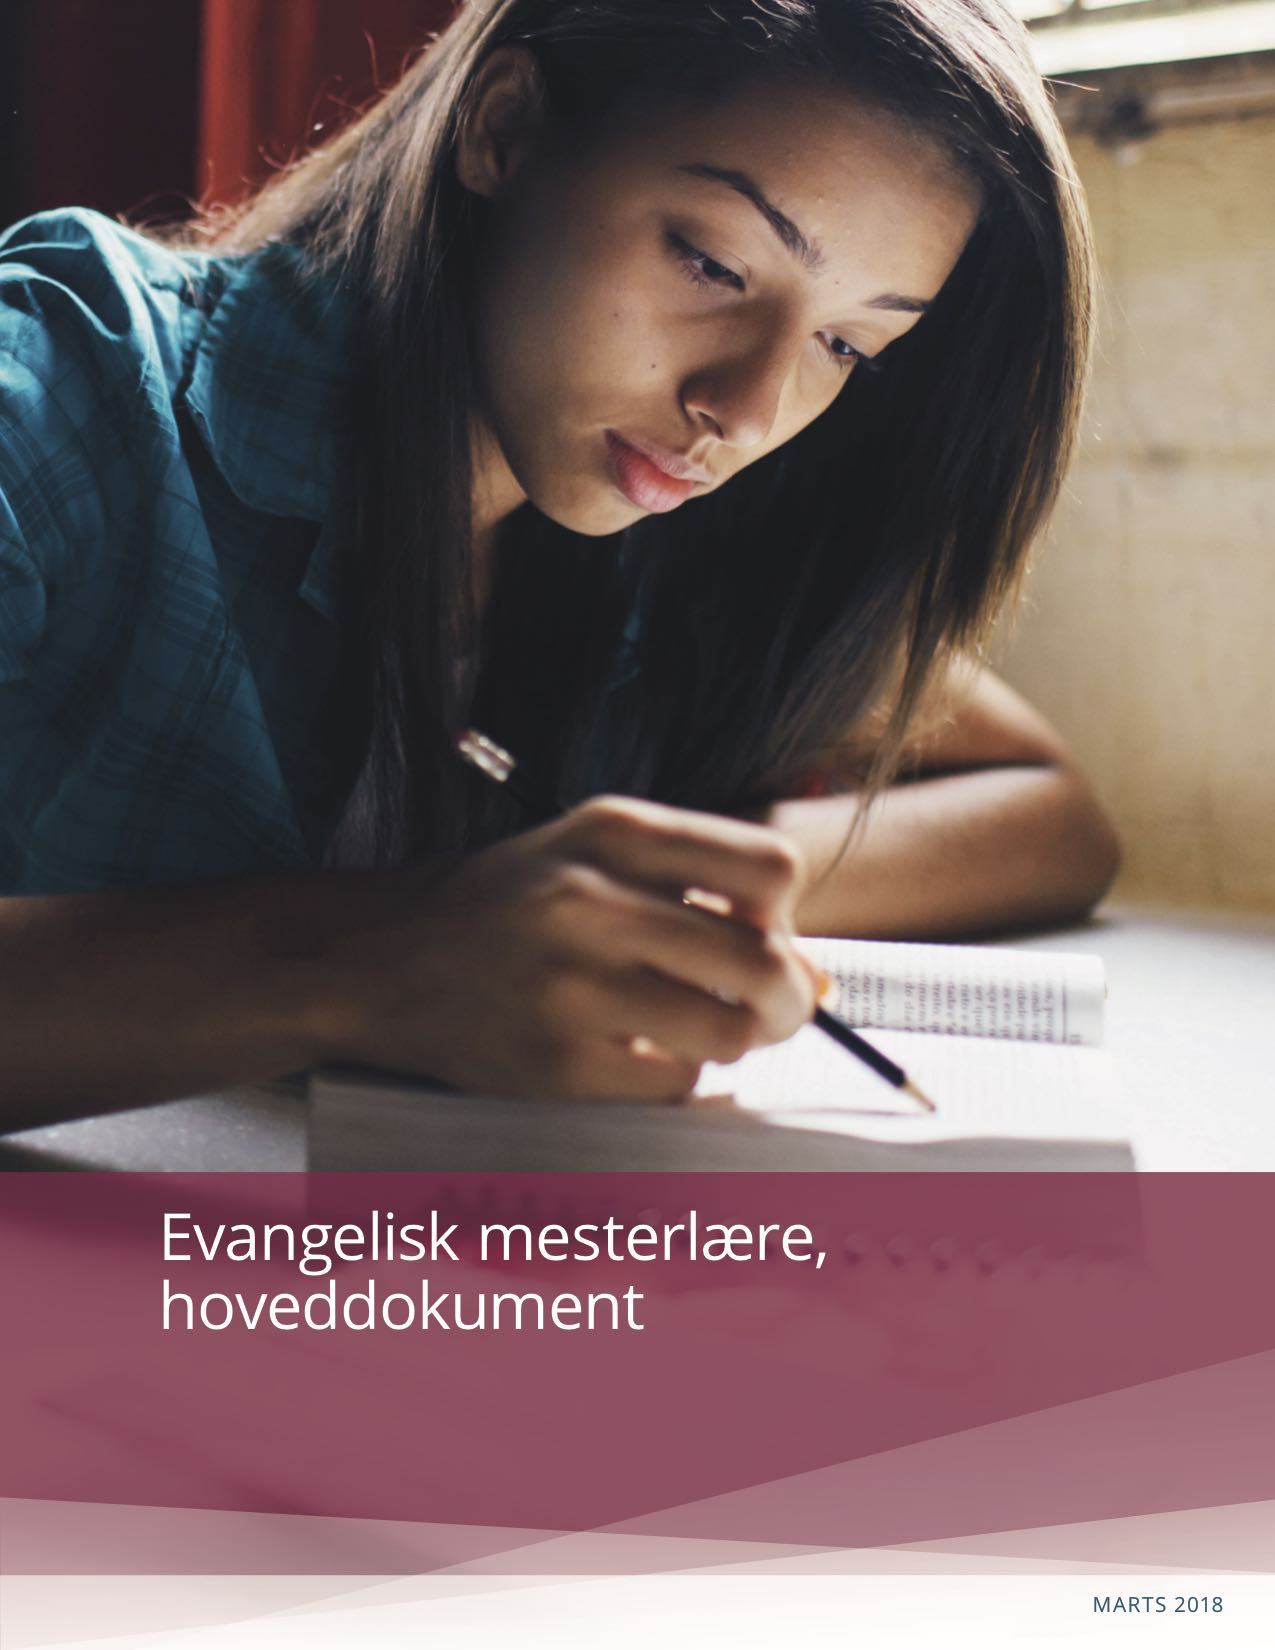 Evangelisk mesterlære, Hoveddokument